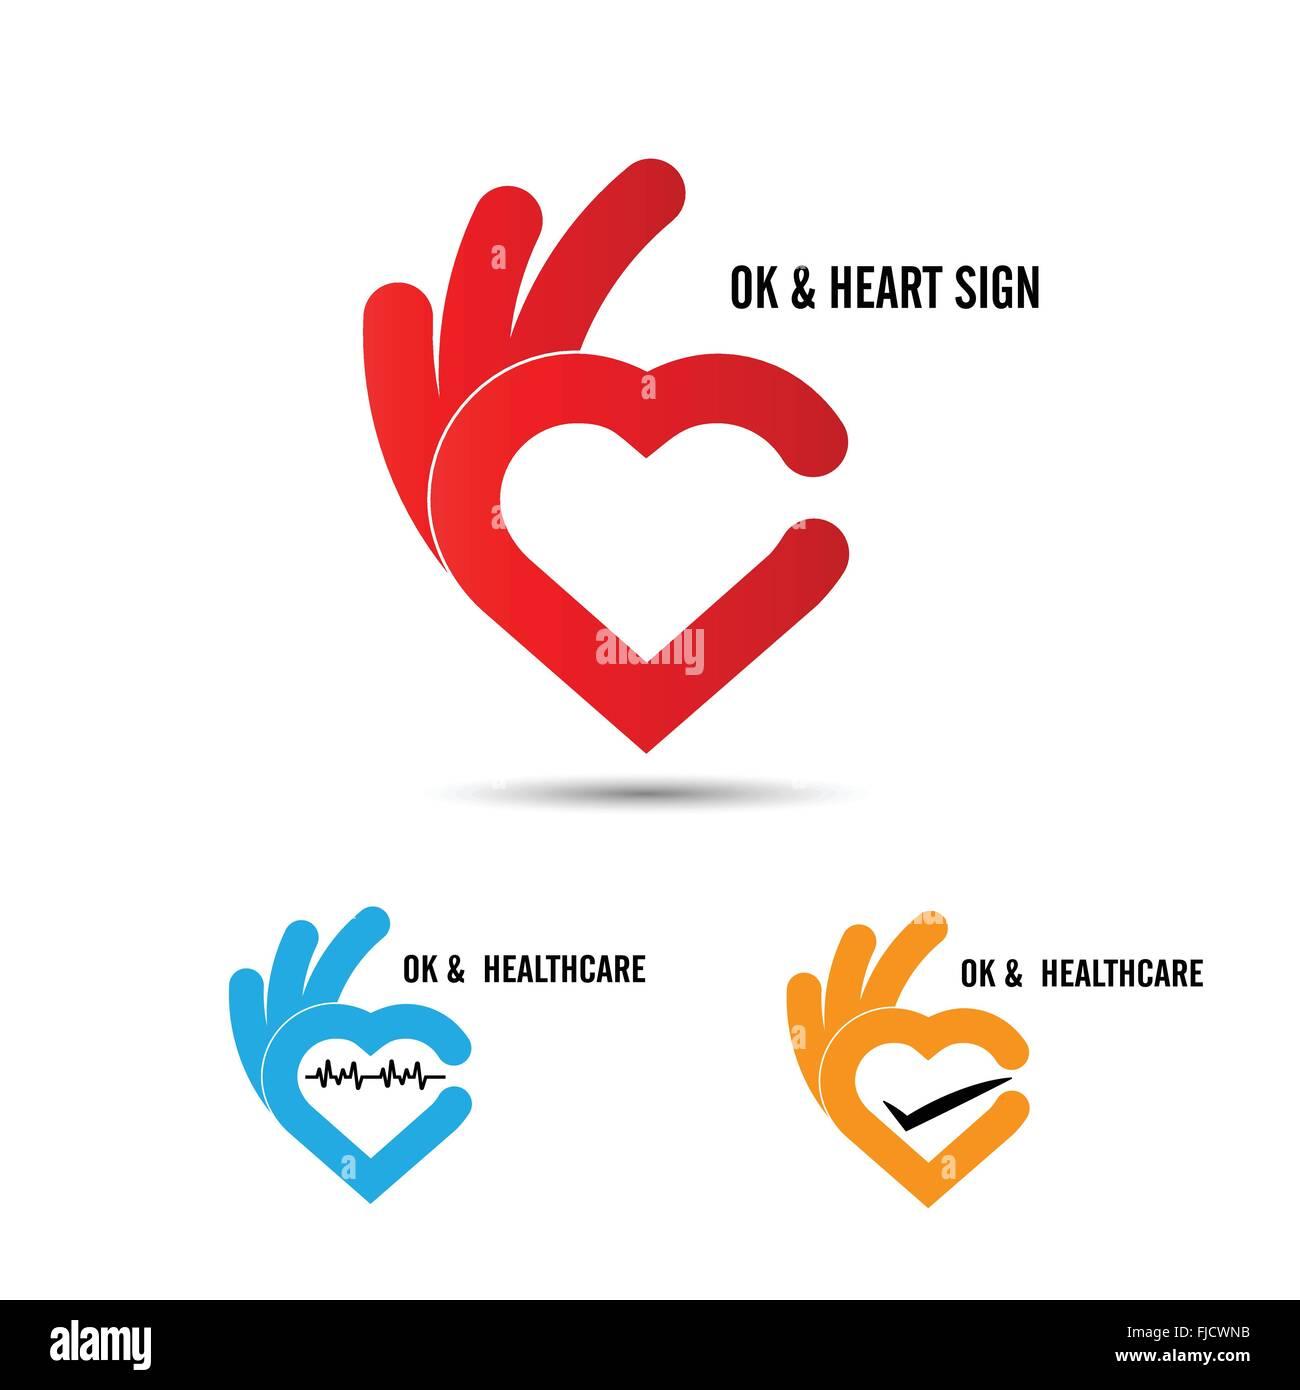 heart disease logo vector icon stock photos heart disease logo